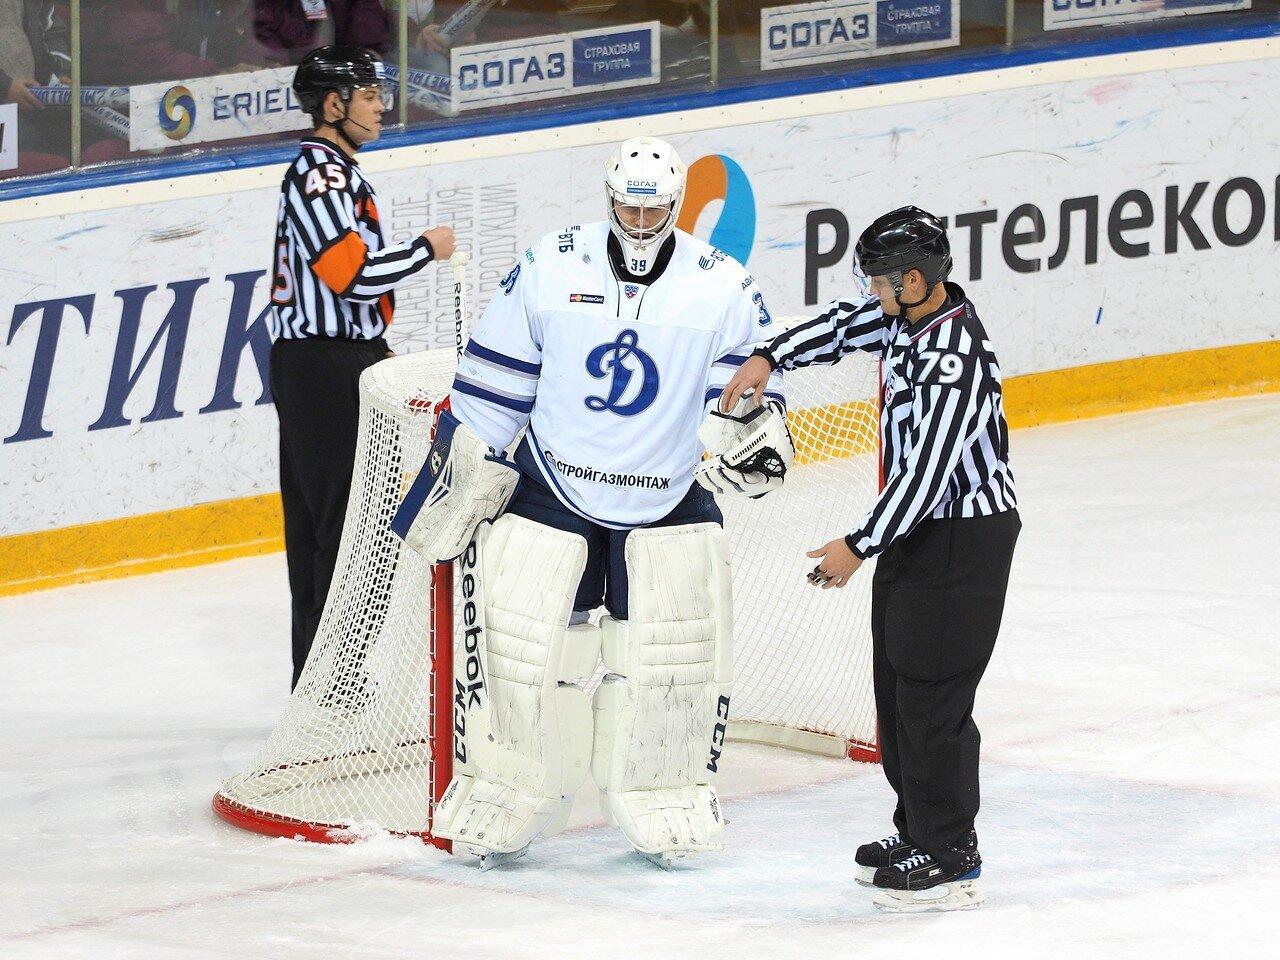 75Металлург - Динамо Москва 28.12.2015